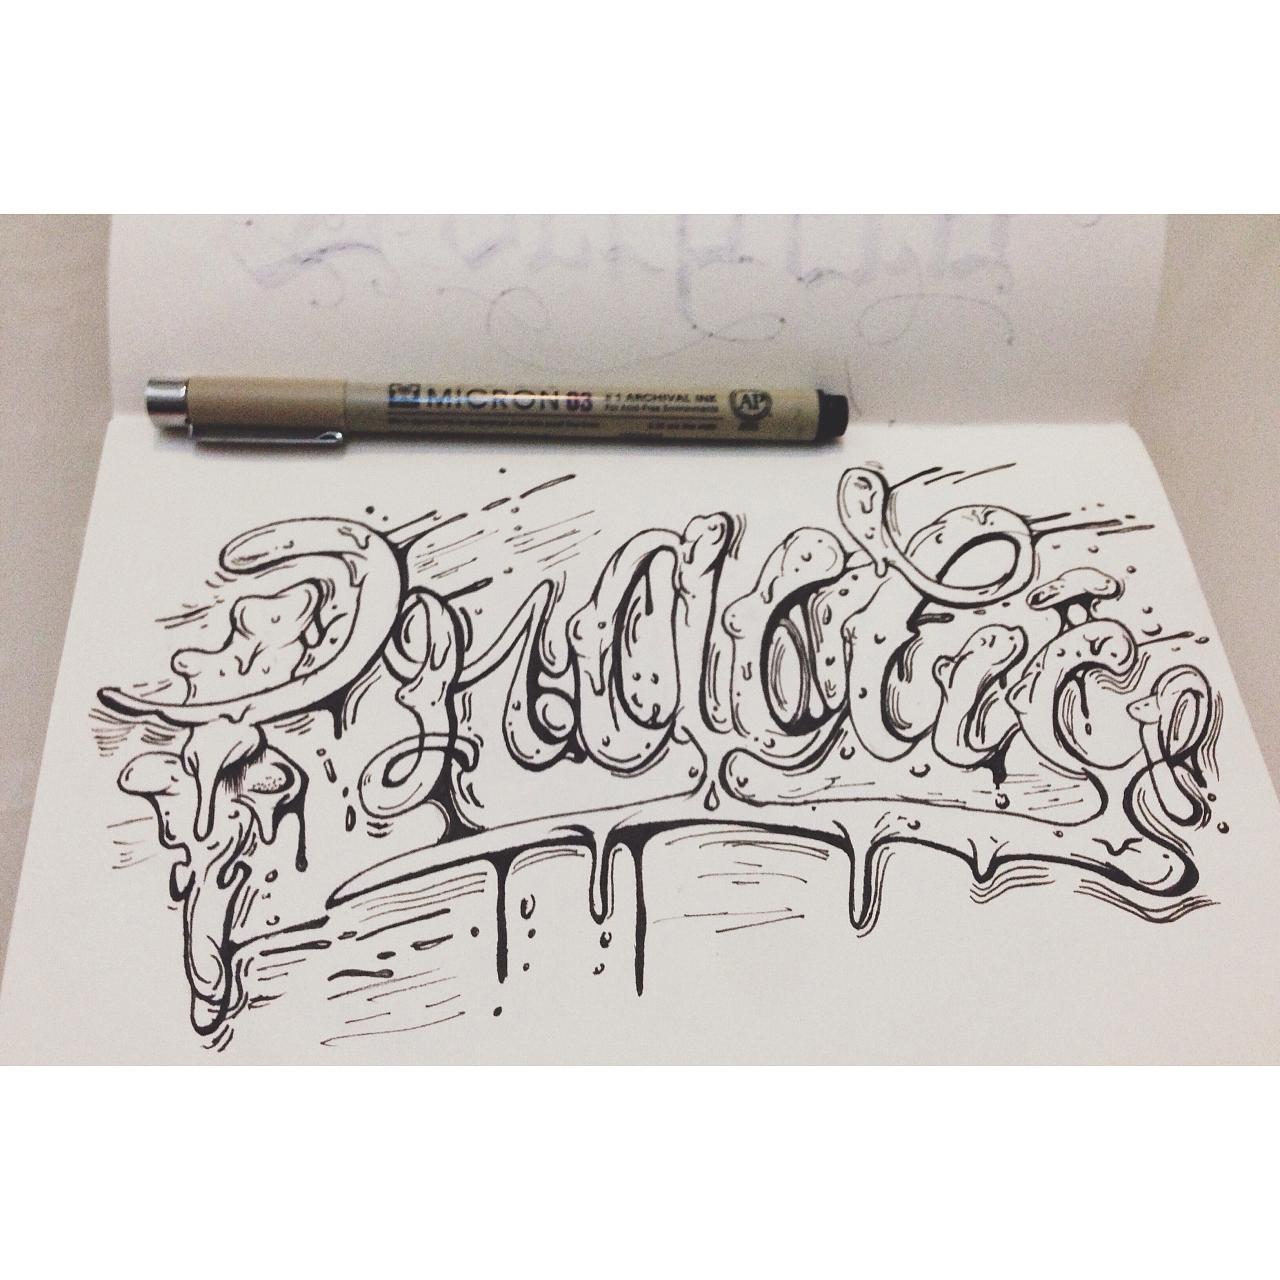 【房子v房子】练习英文花体手绘临摹 插画 插画长15米宽4米的字体设计图图片